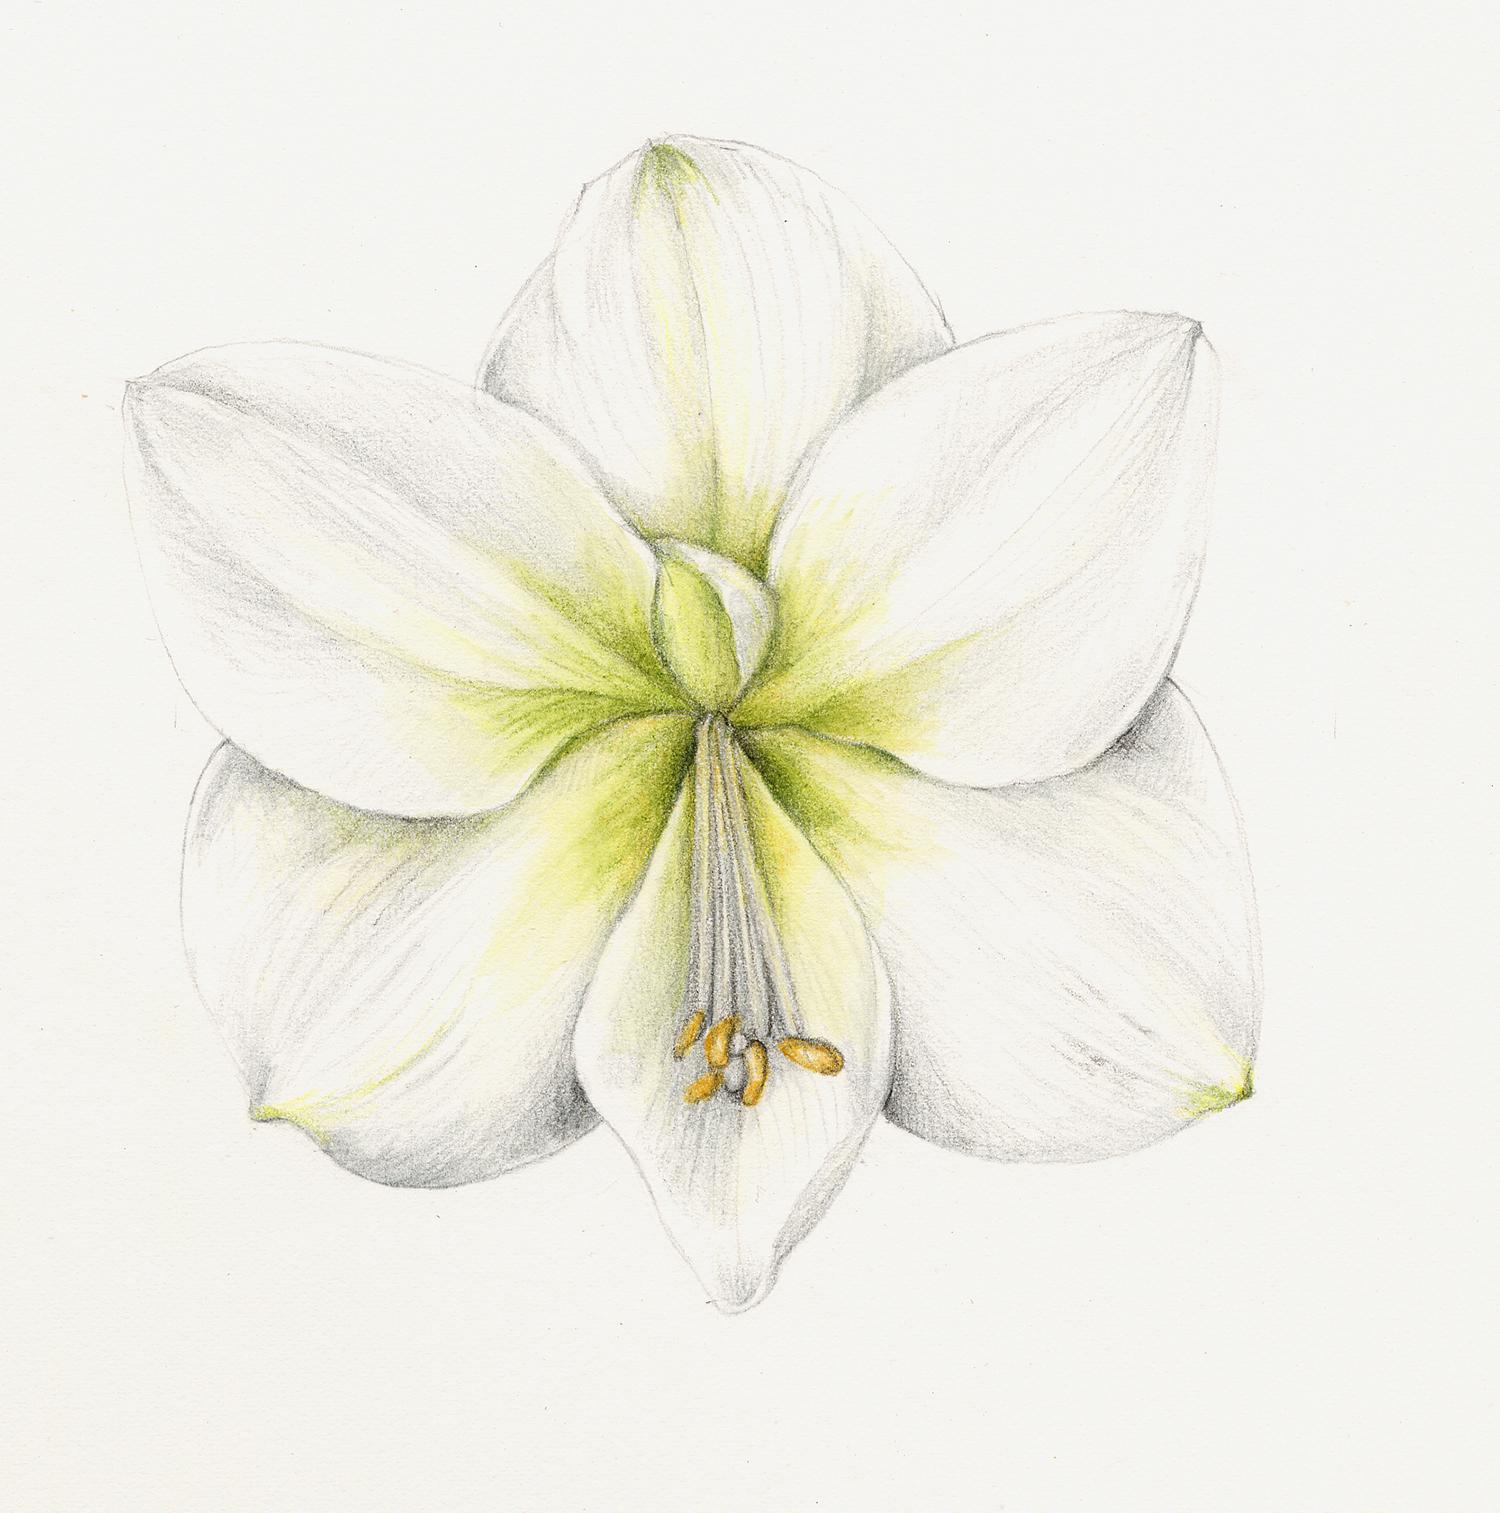 White Amaryllis - Amaryllis belladonna